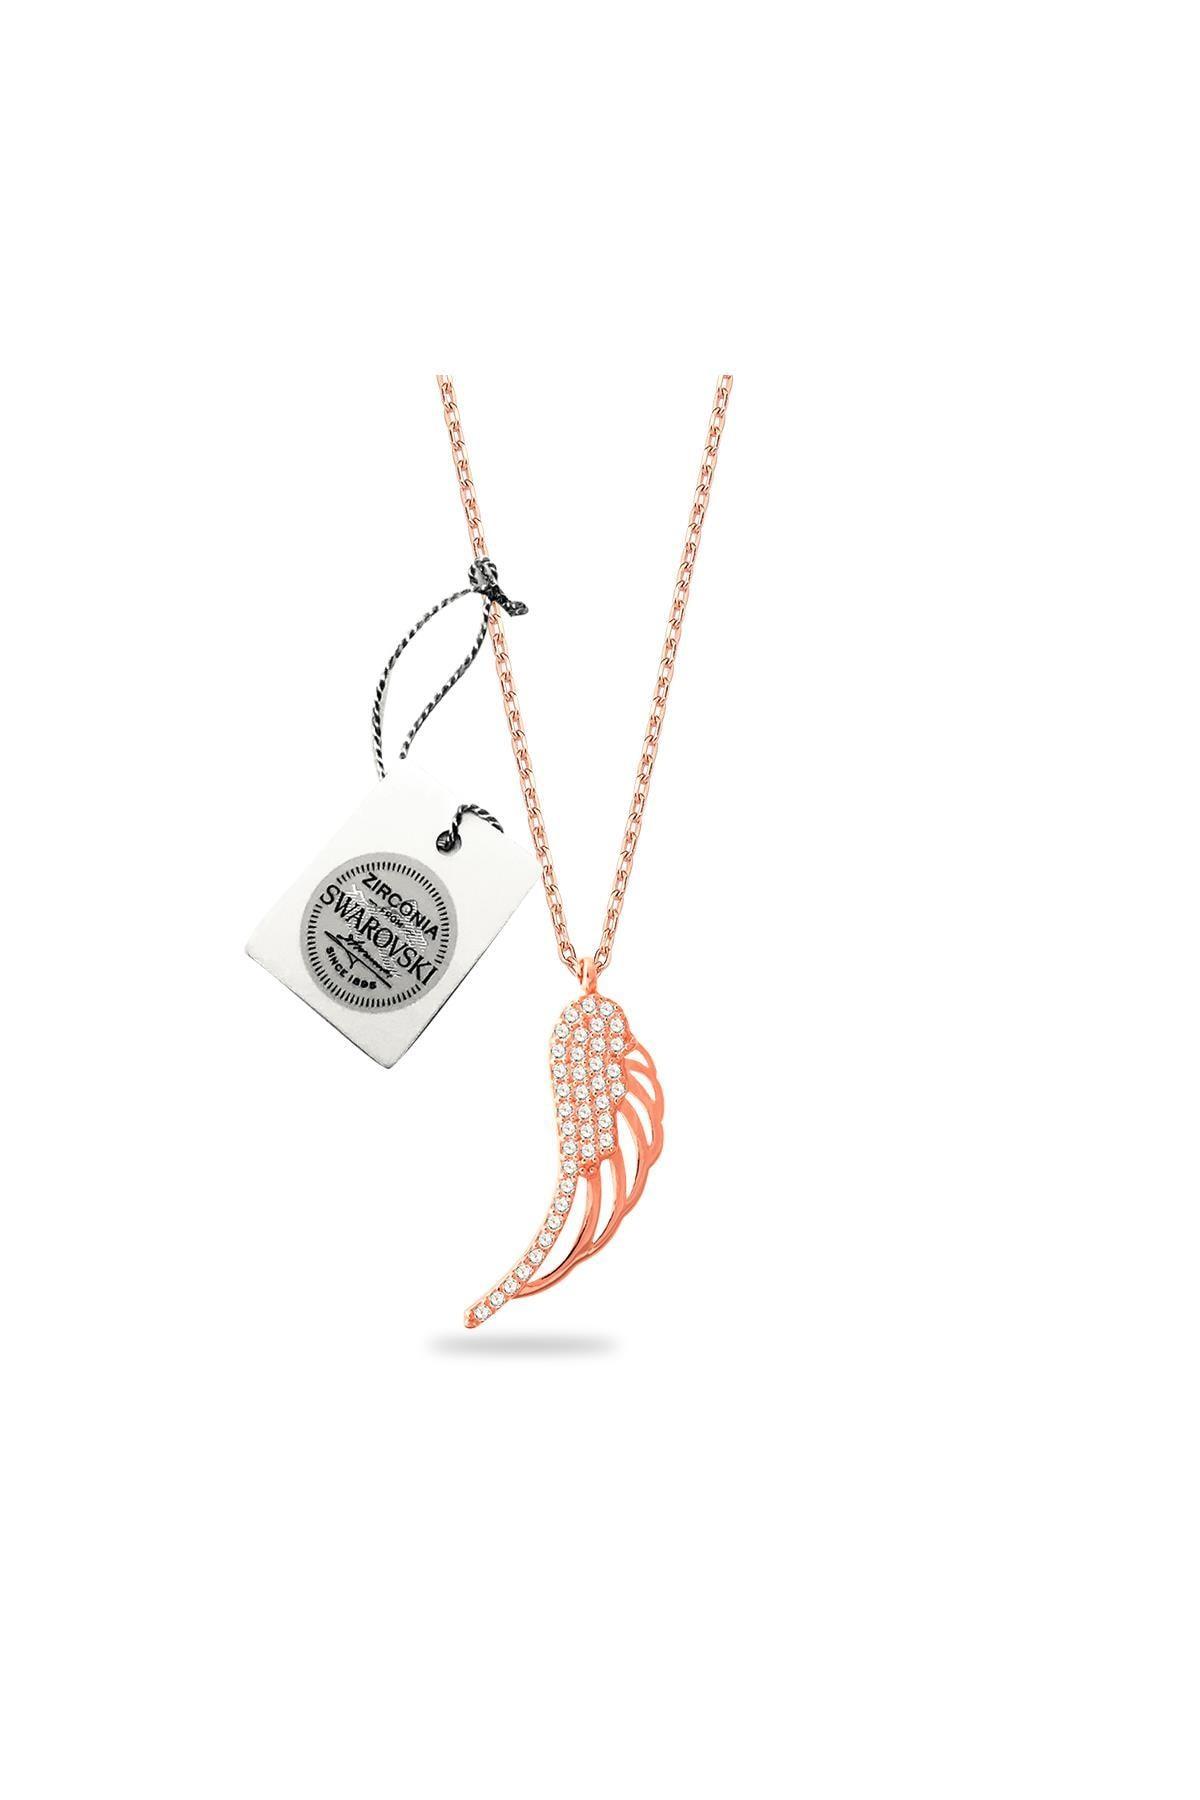 Ninova Silver Kadın Swarovski Taşlı Melek Kanadı Model Rose Kaplama Gümüş Kolye SBS0032 2